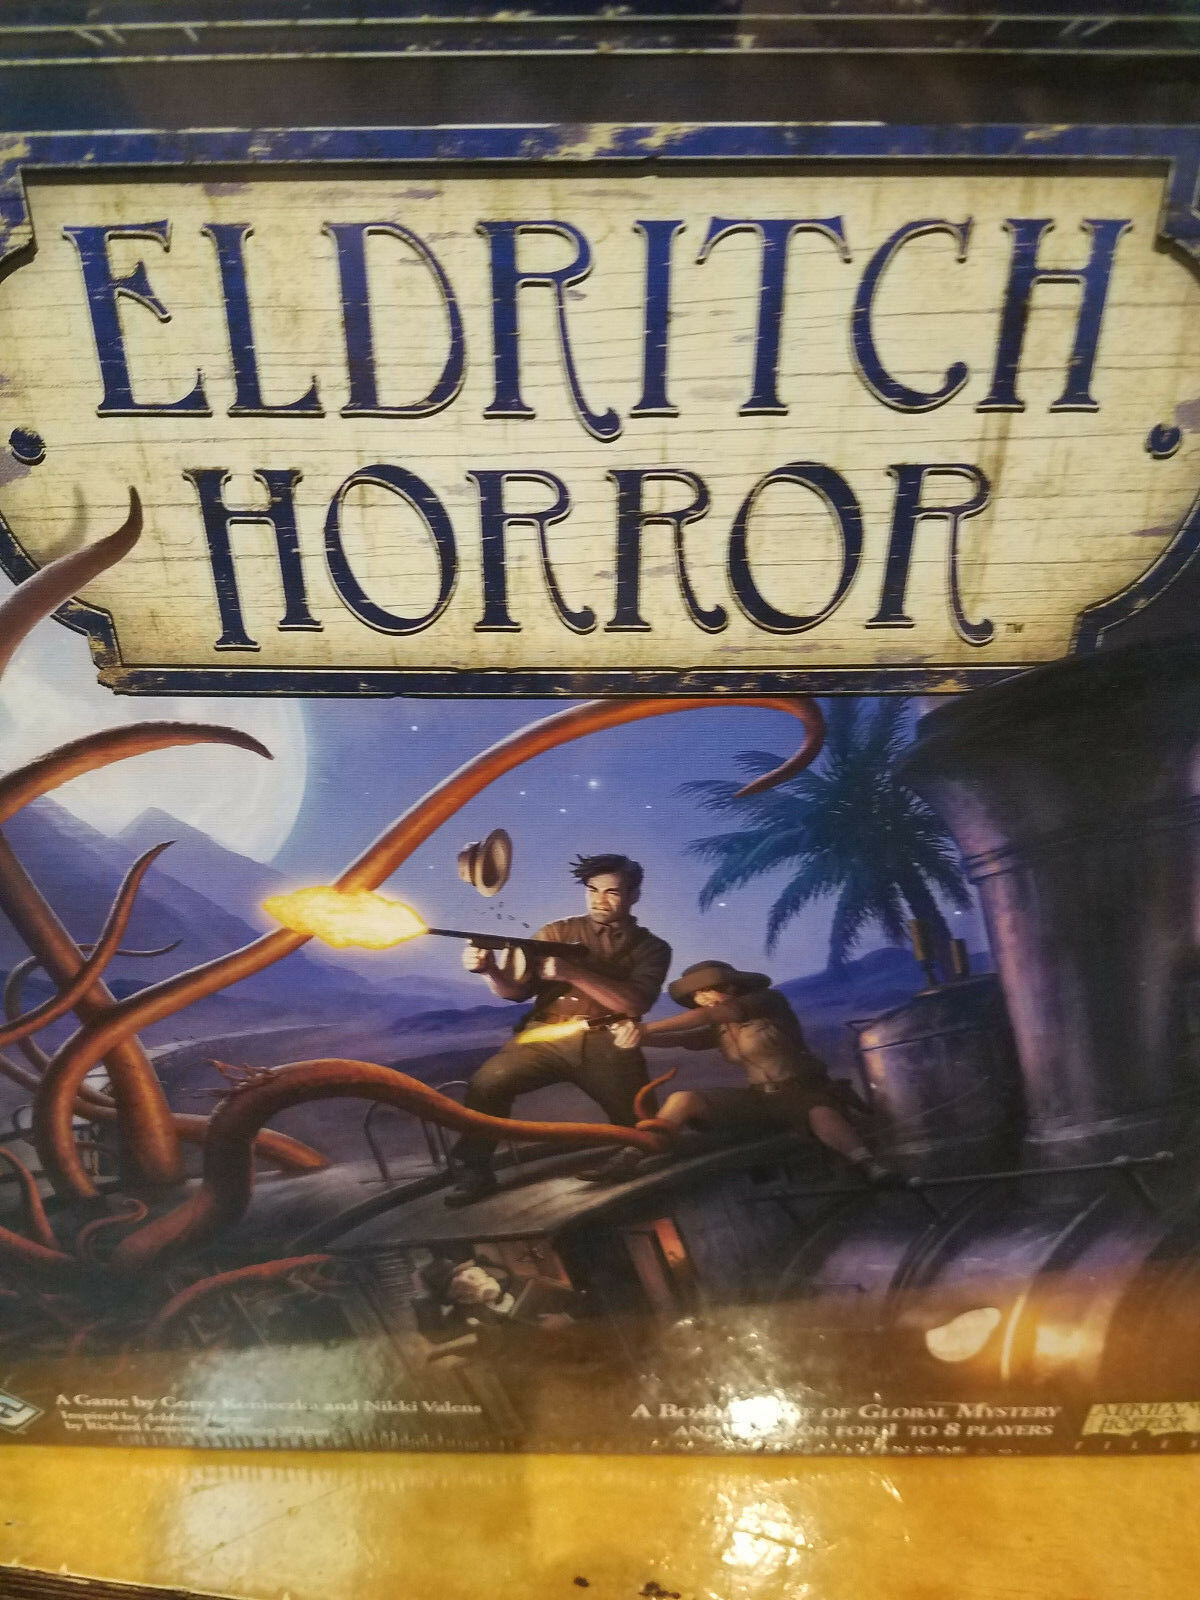 Eldritch Horreur Noyau Base Set - Fantasy Vol Jeu Jeu Jeu de Société Nouveau a345a4